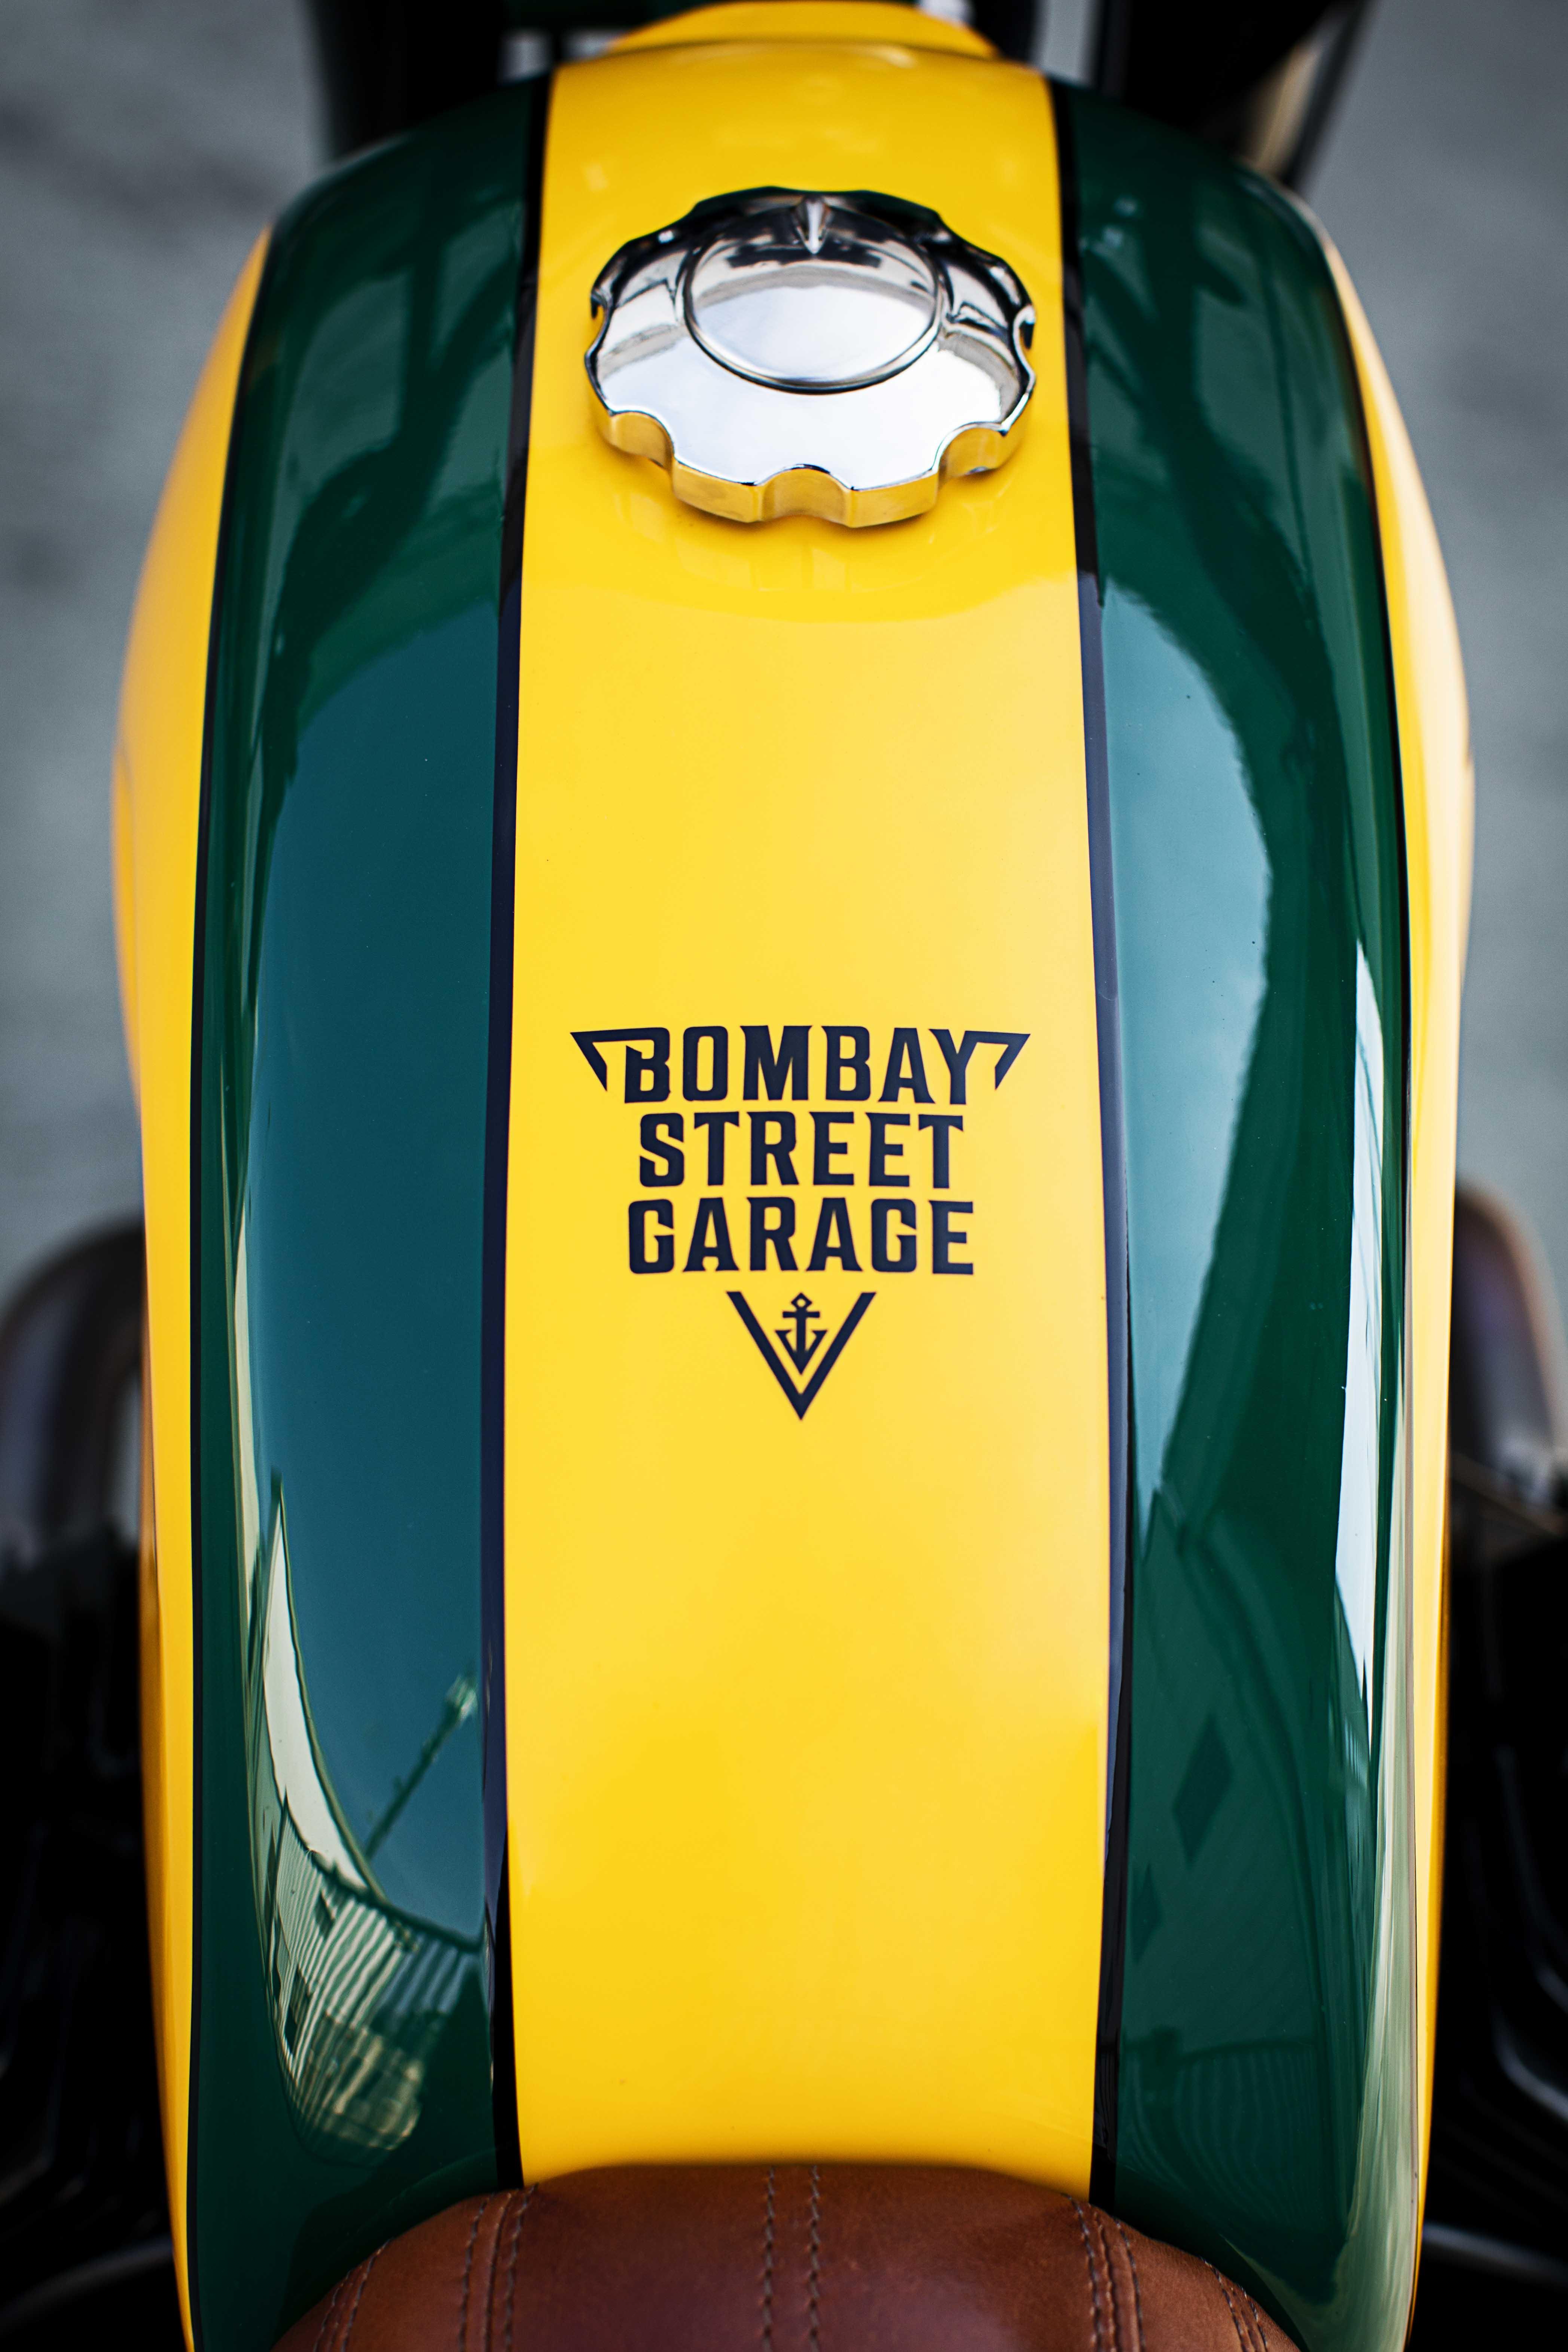 Bombay-13-Moto-Guzzi-Rust-and-Glory-10